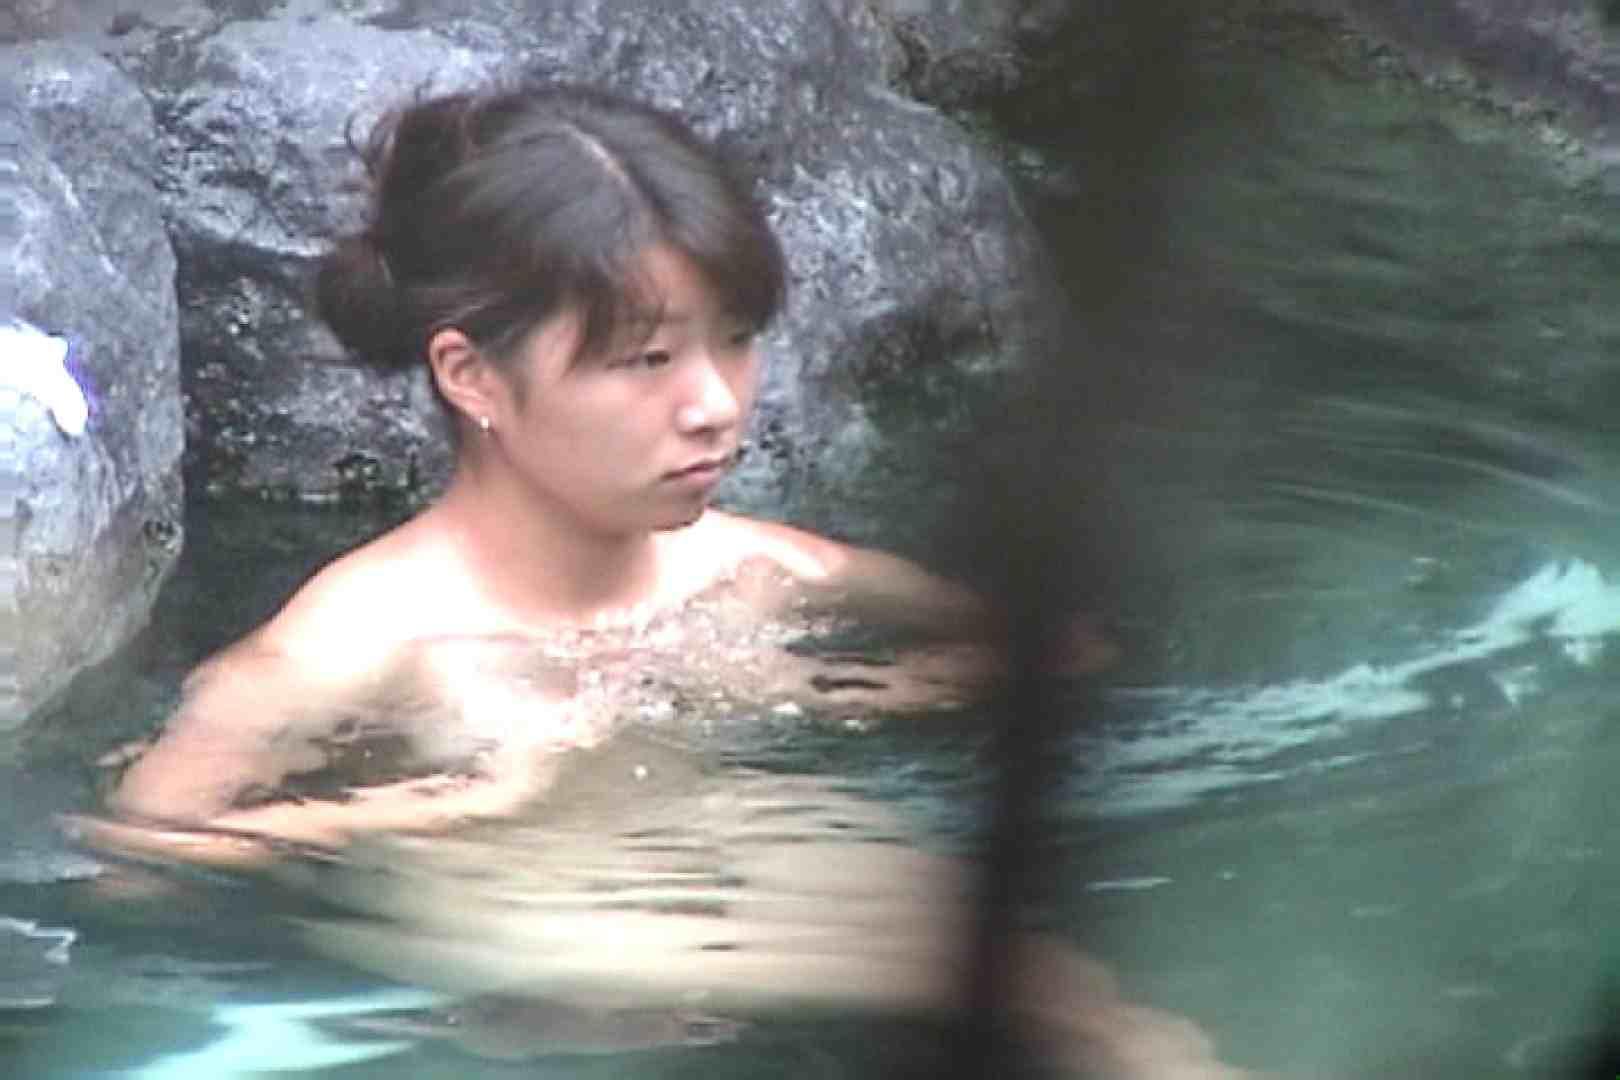 Aquaな露天風呂Vol.69【VIP限定】 OLのエロ生活  106連発 51